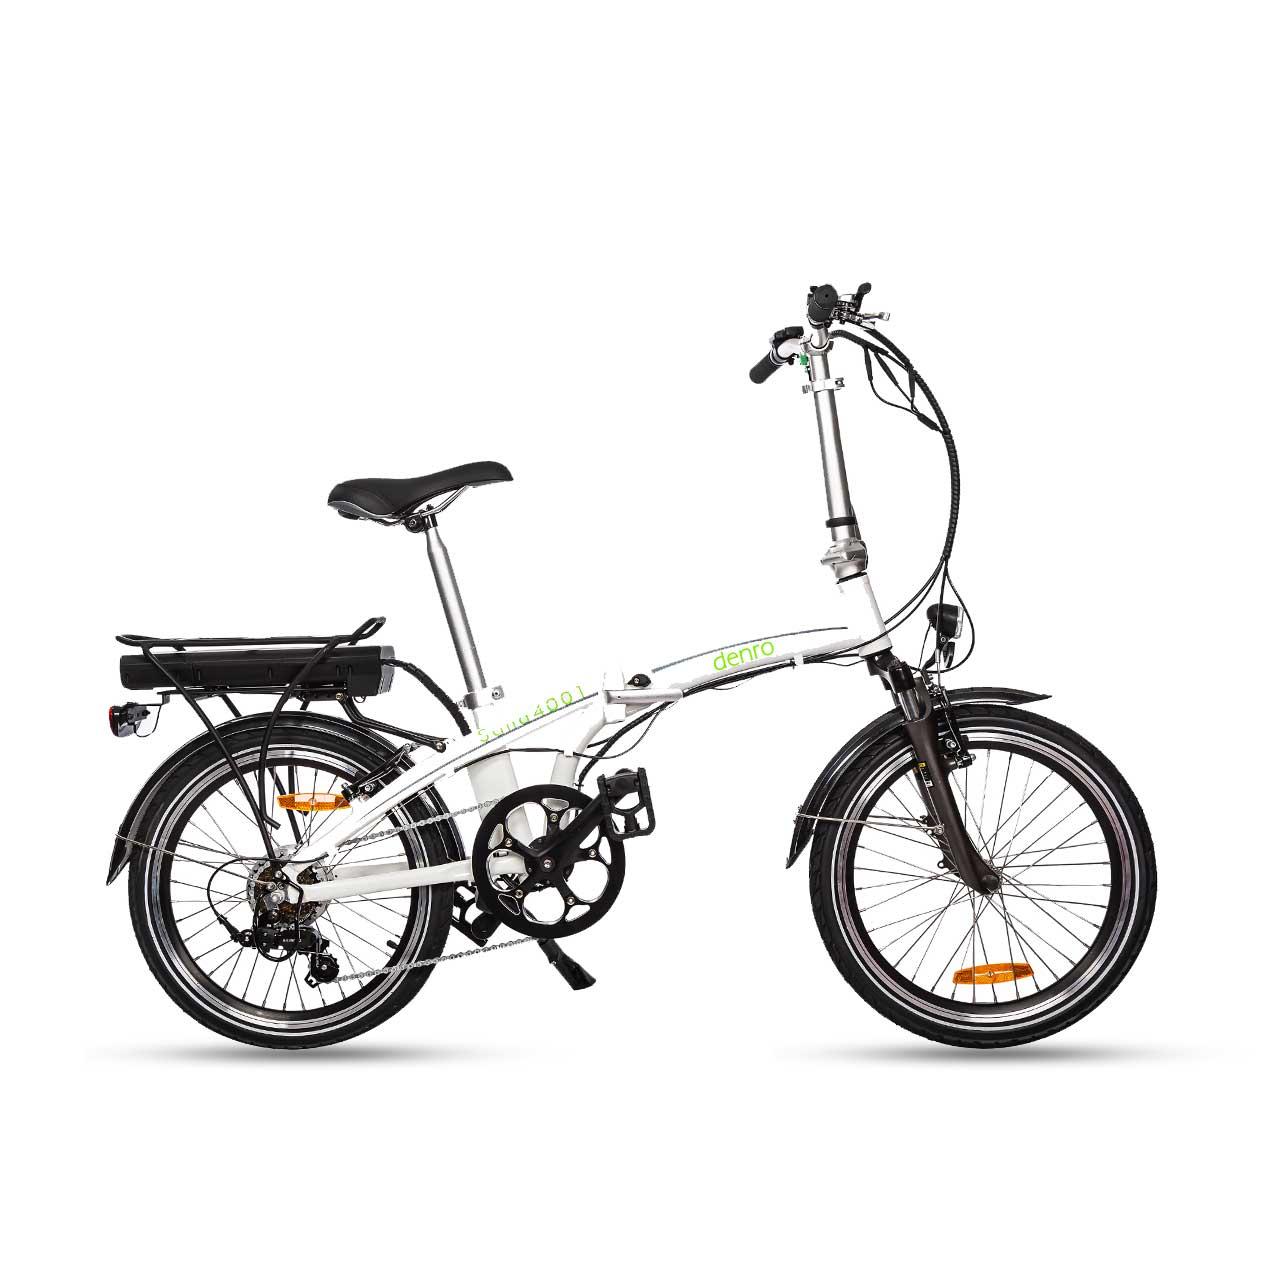 دوچرخه برقی تاشو دنرو مدل sana 350w